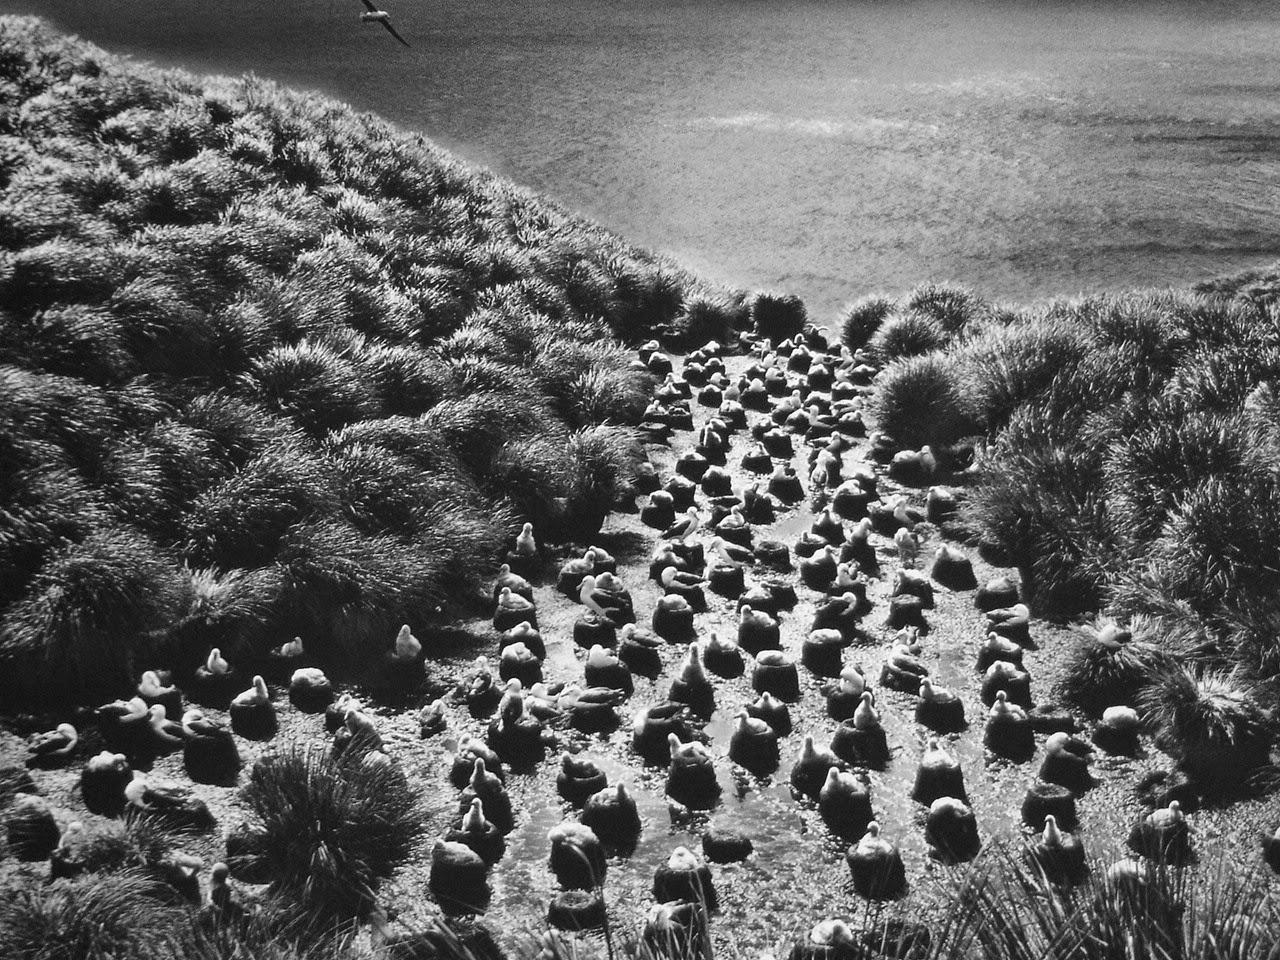 сальгадо себастьян фотографии смотреть любом коллективе